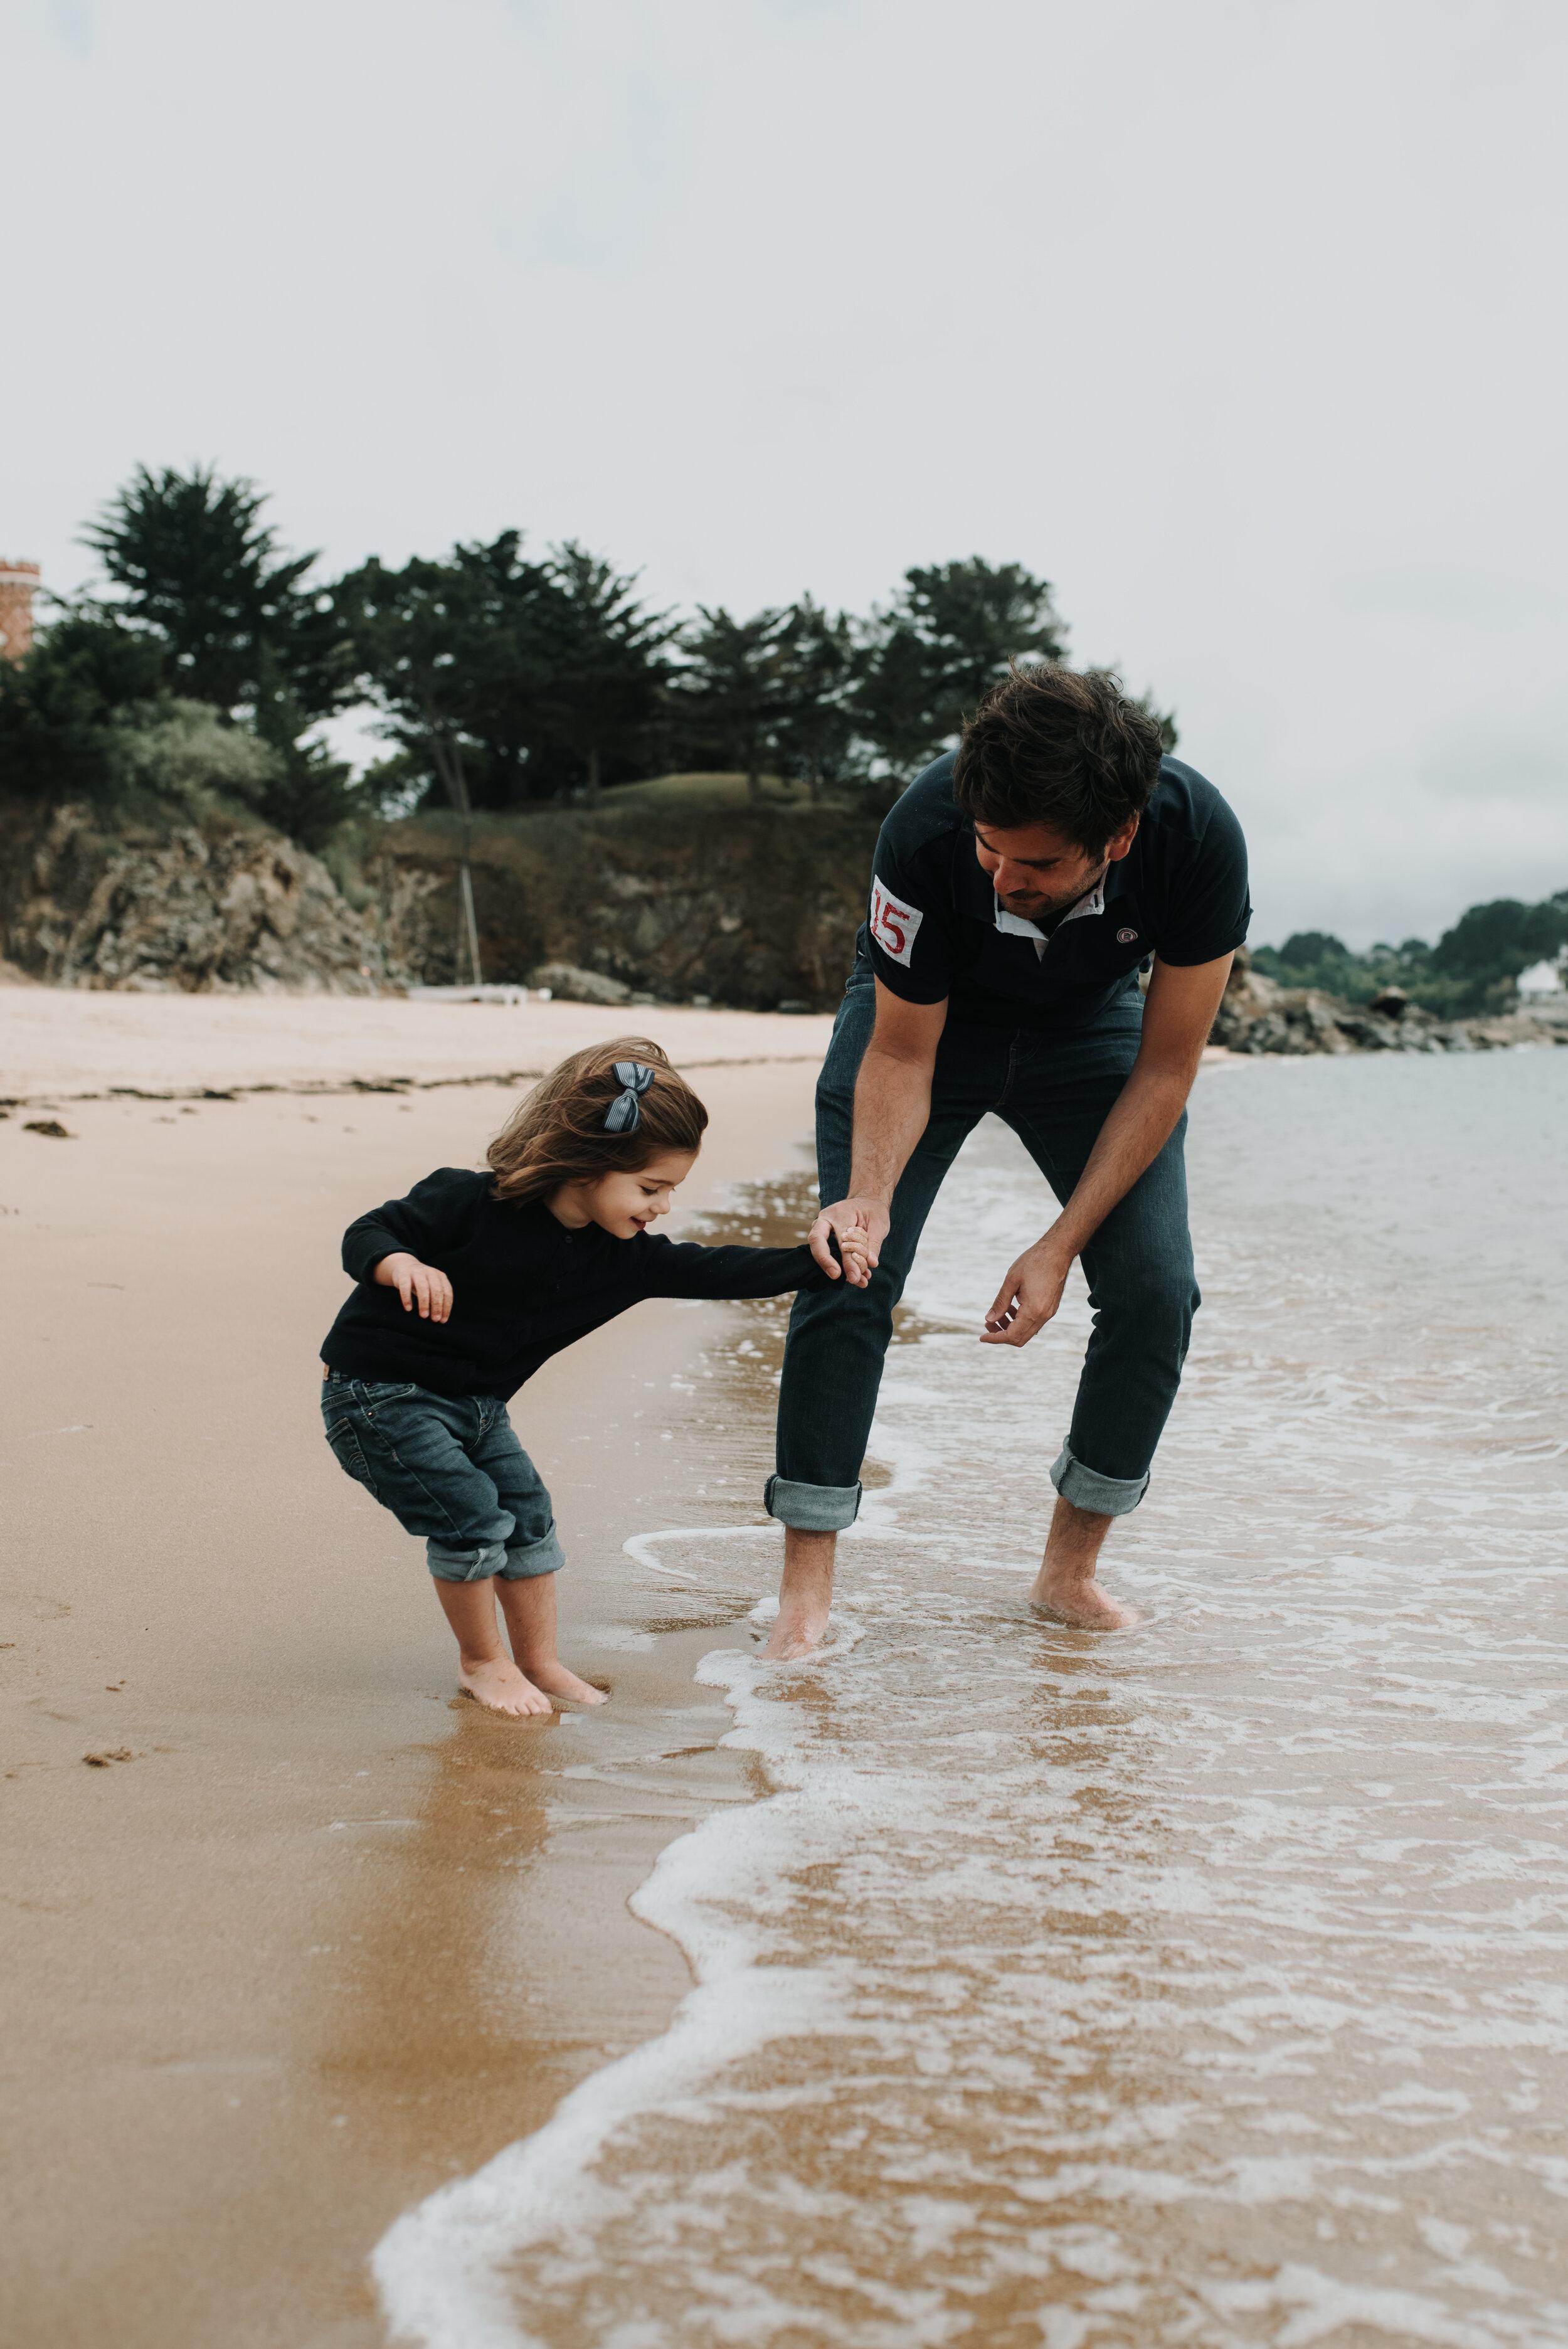 Léa-Fery-photographe-professionnel-Bretagne-portrait-creation-mariage-evenement-evenementiel-famille-7365.jpg